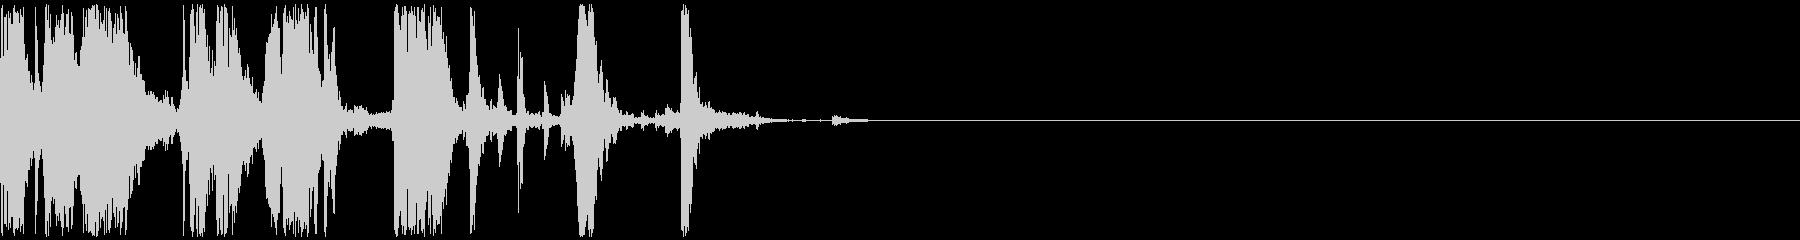 キリキリとガラスを擦る音 15の未再生の波形